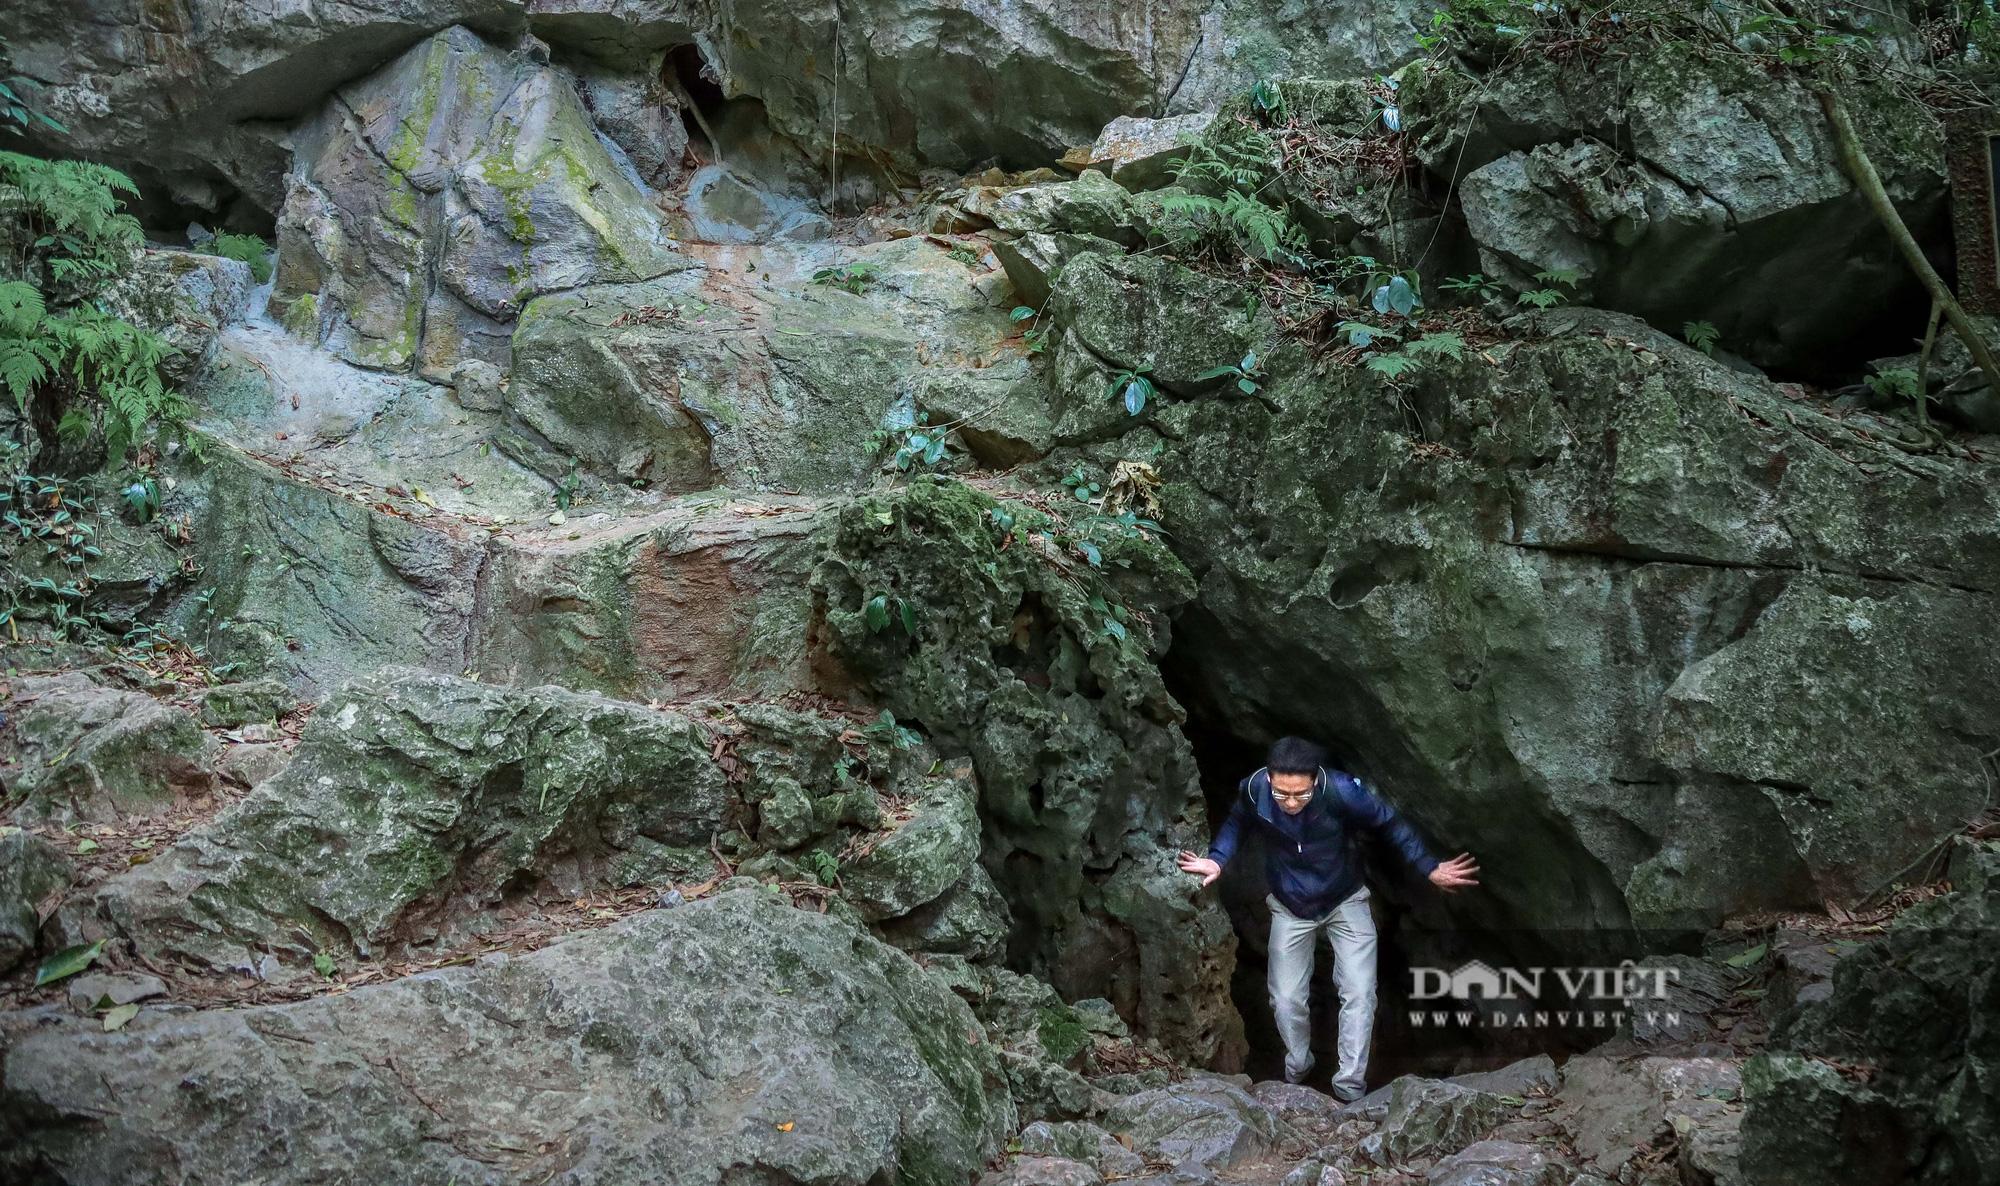 Cận cảnh hang động bí mật nơi hoạt động cách mạng của Bác Hồ - Ảnh 1.